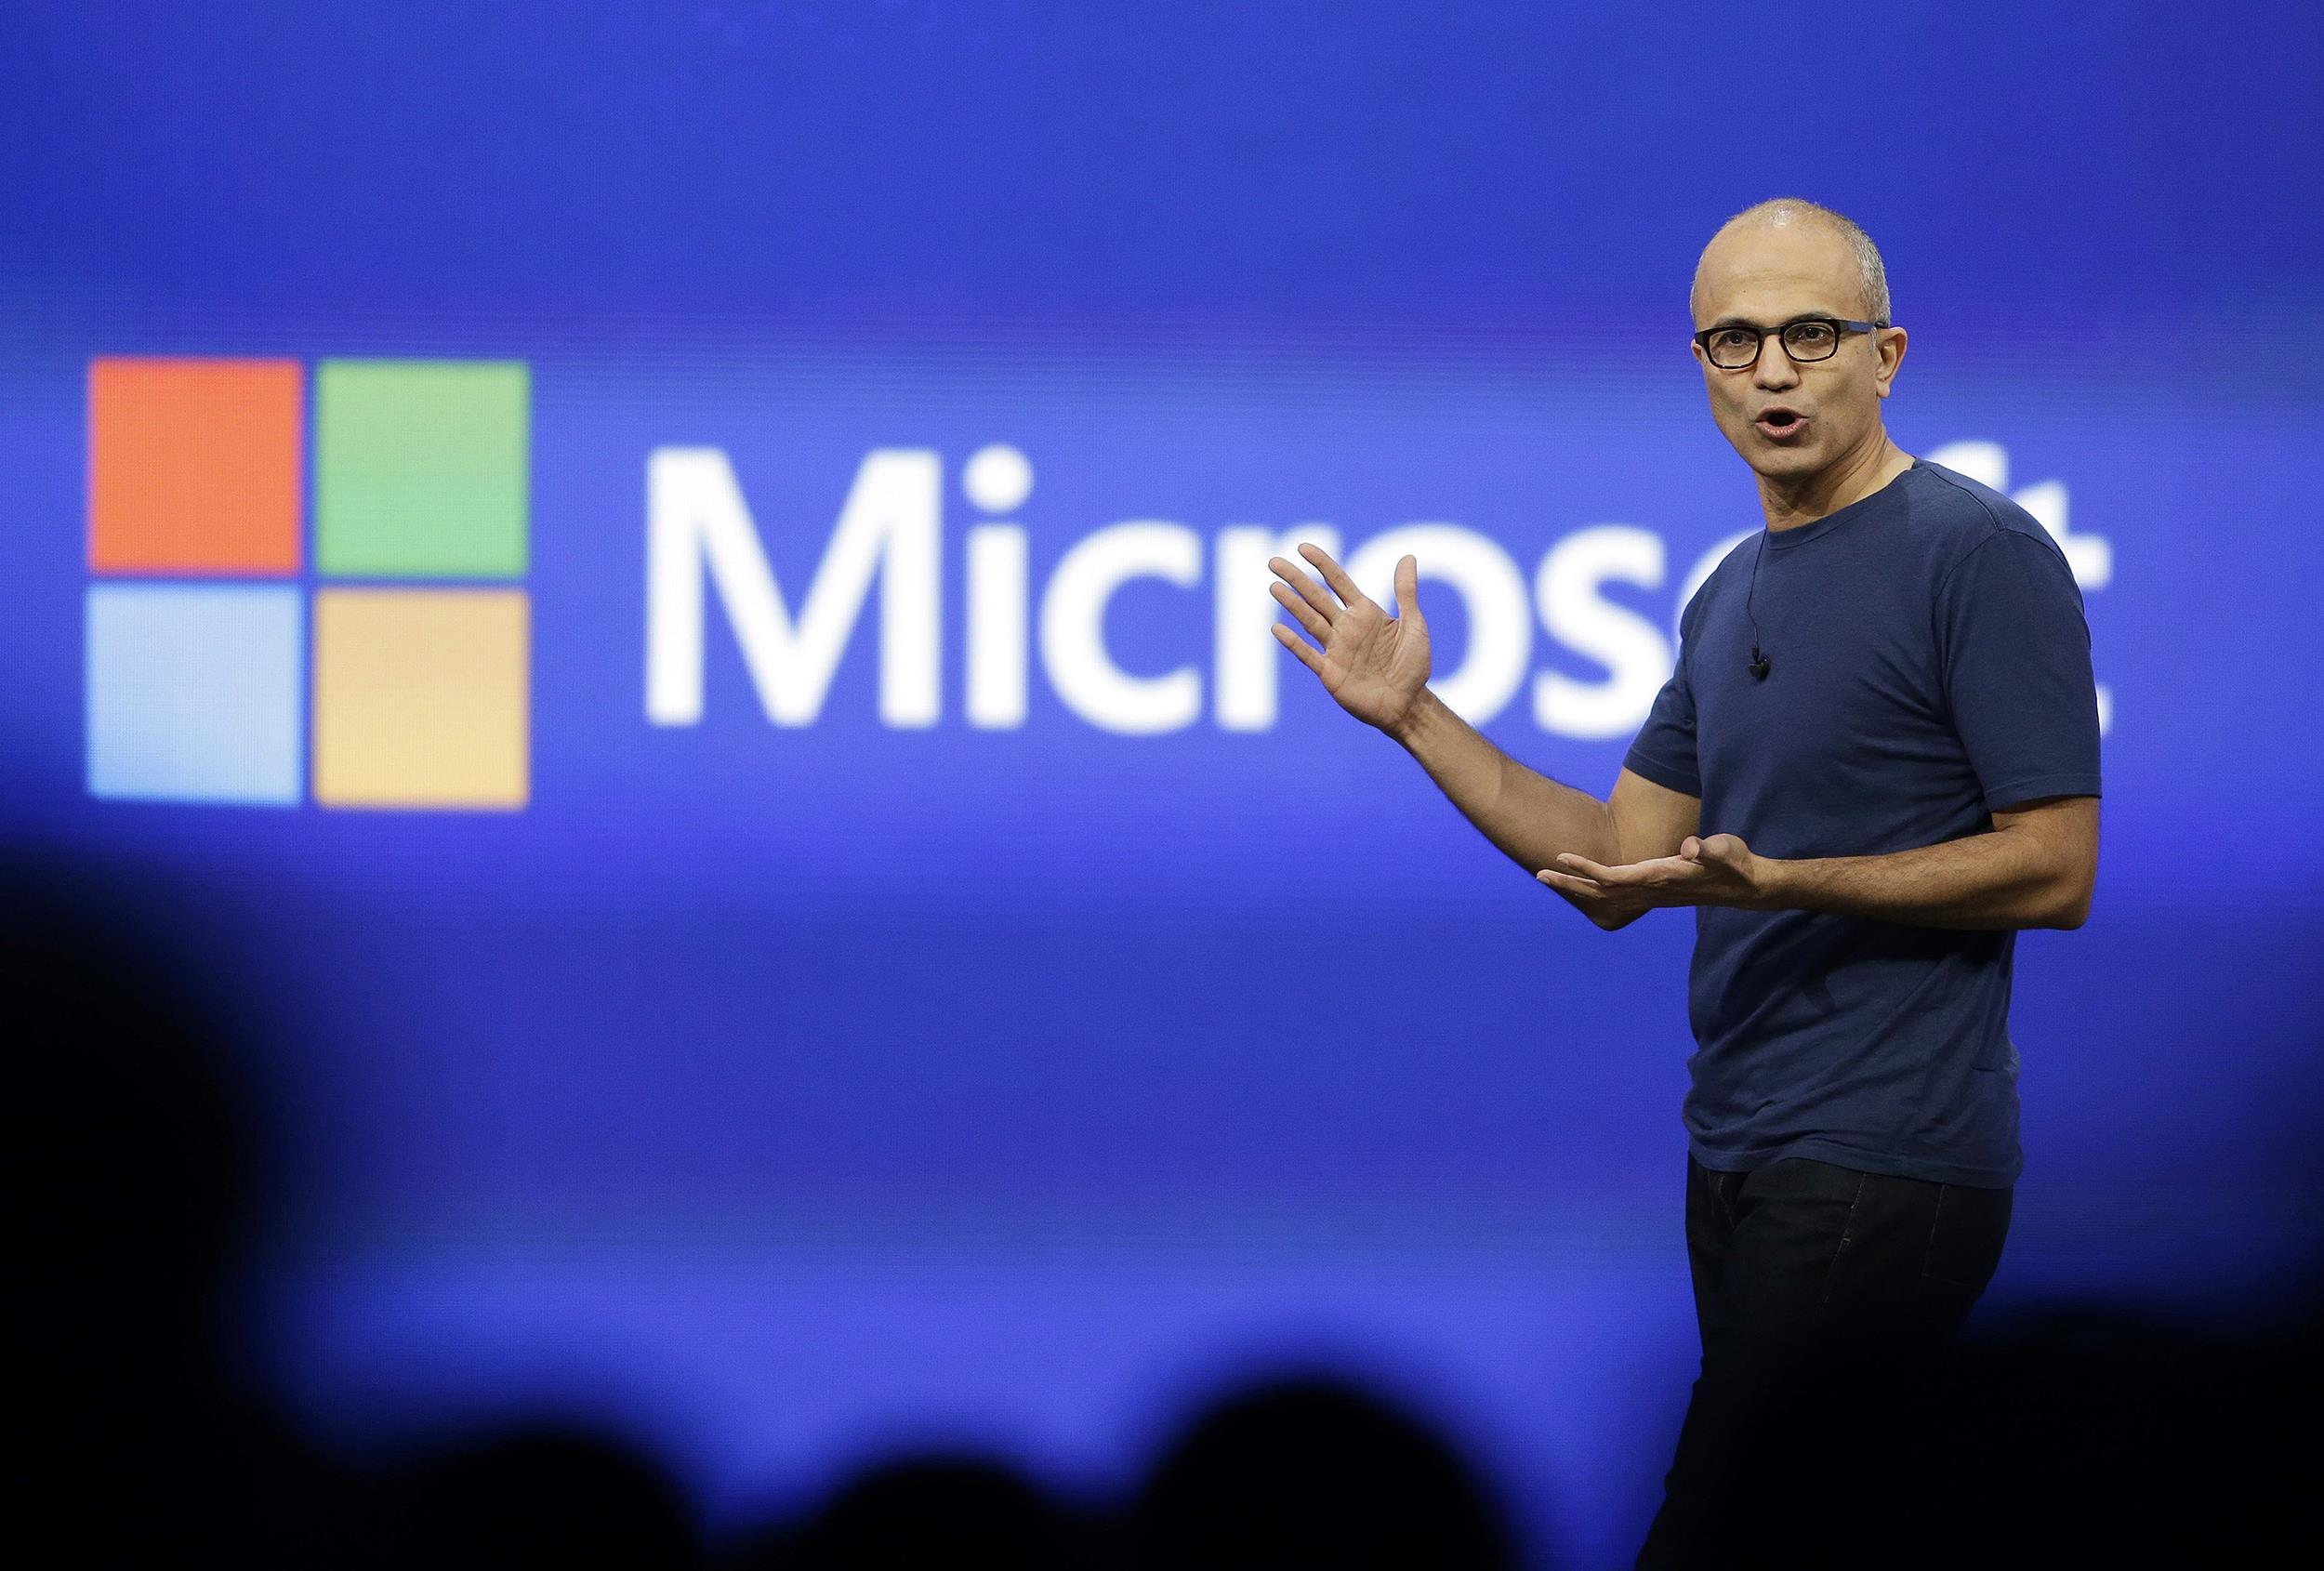 Microsoft se reorganiza por completo: Windows pierde peso mientras que la Inteligencia Artificial y la nube ganan terreno